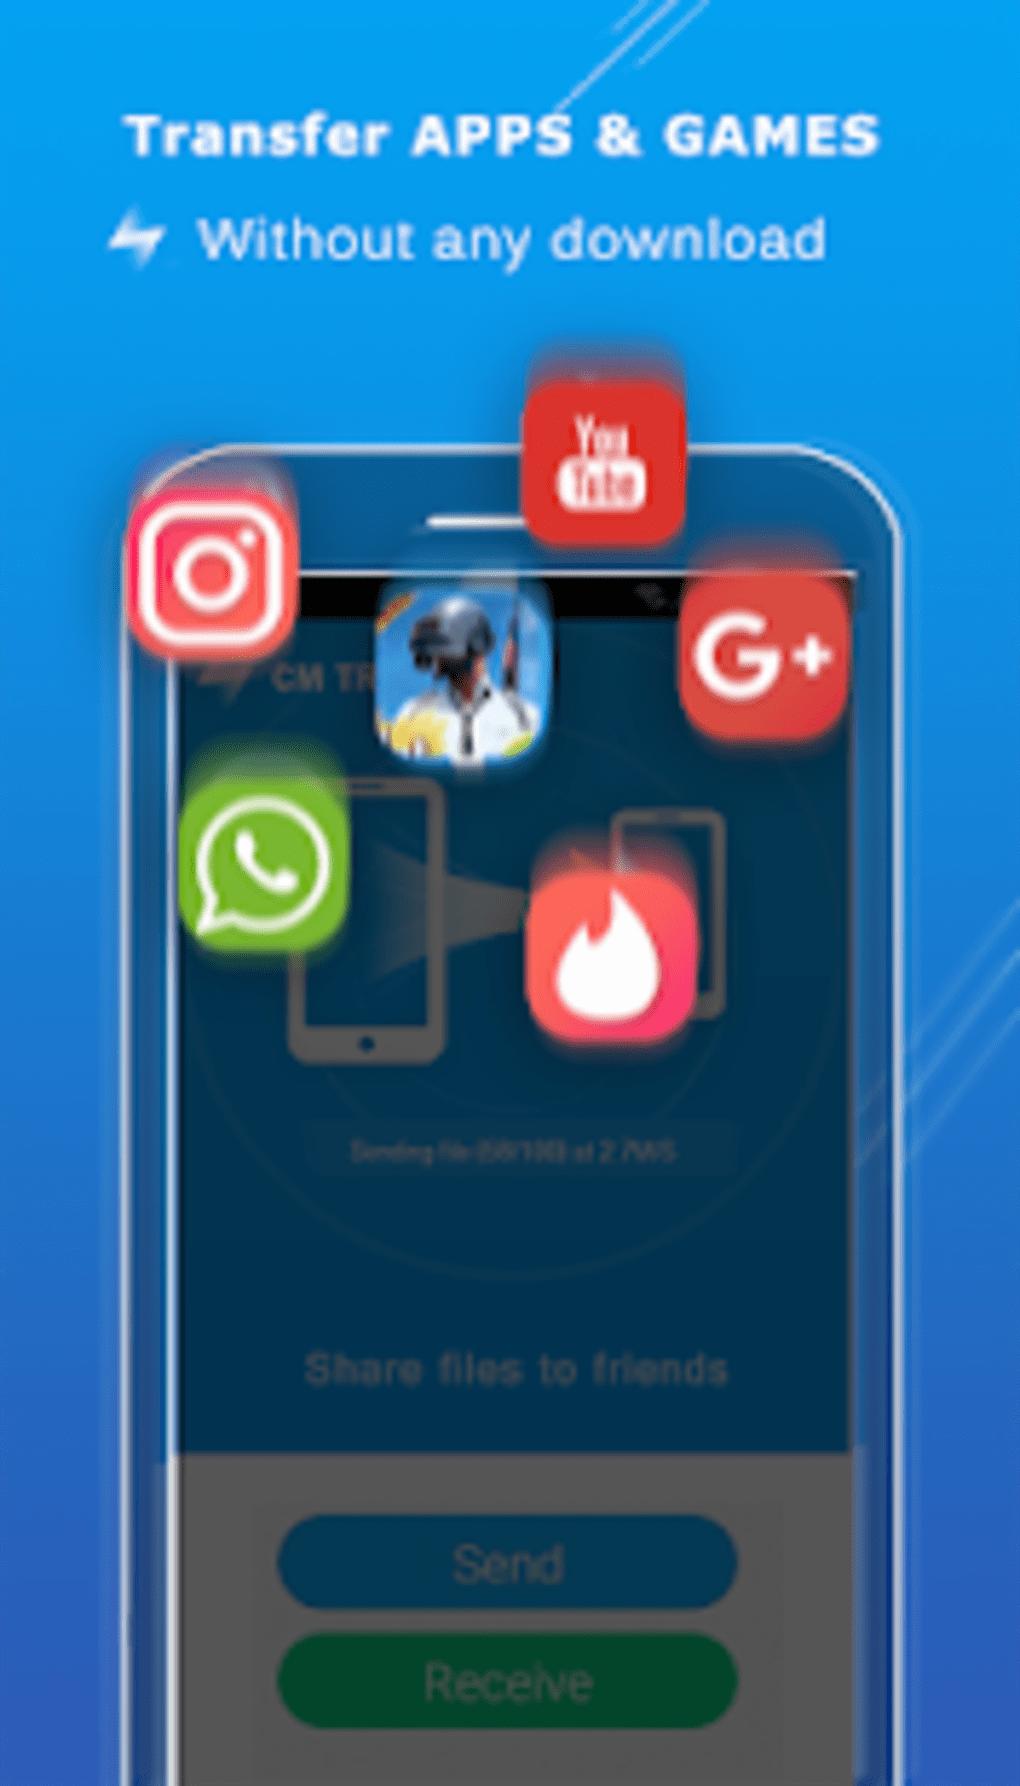 Share программа скачать на андроид норбеков скачать программу